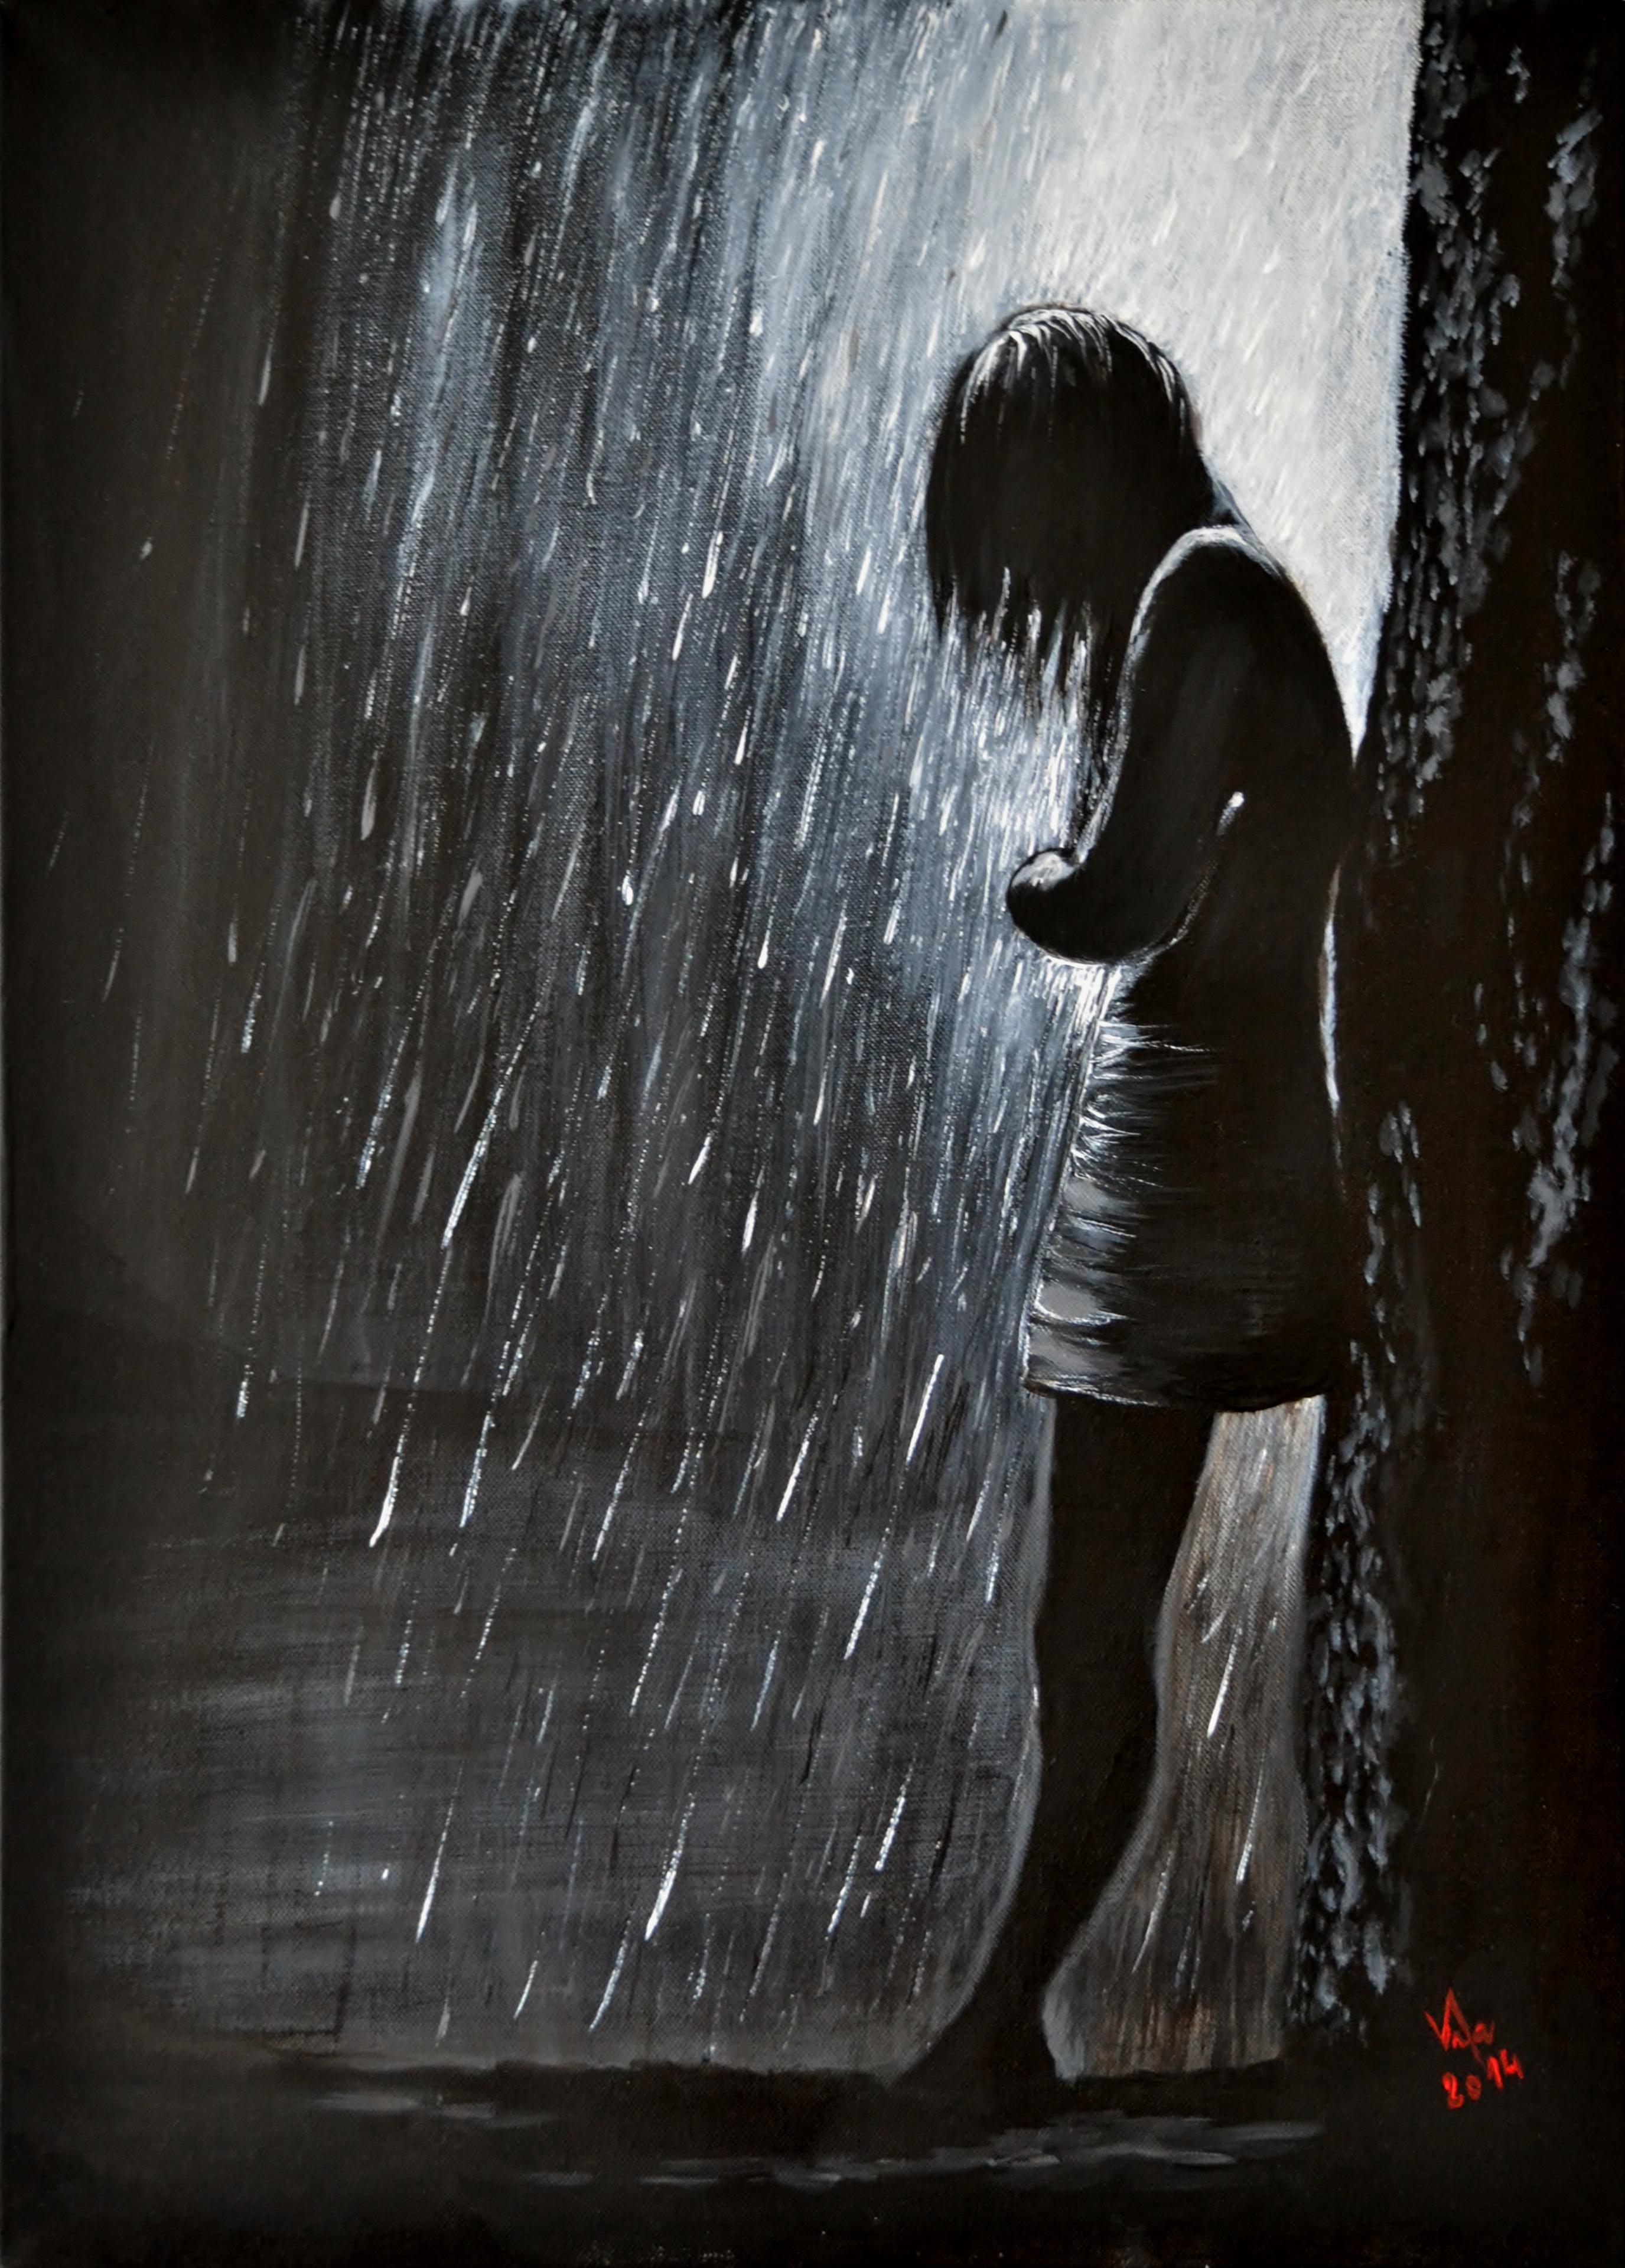 A déšť tiše šepotá